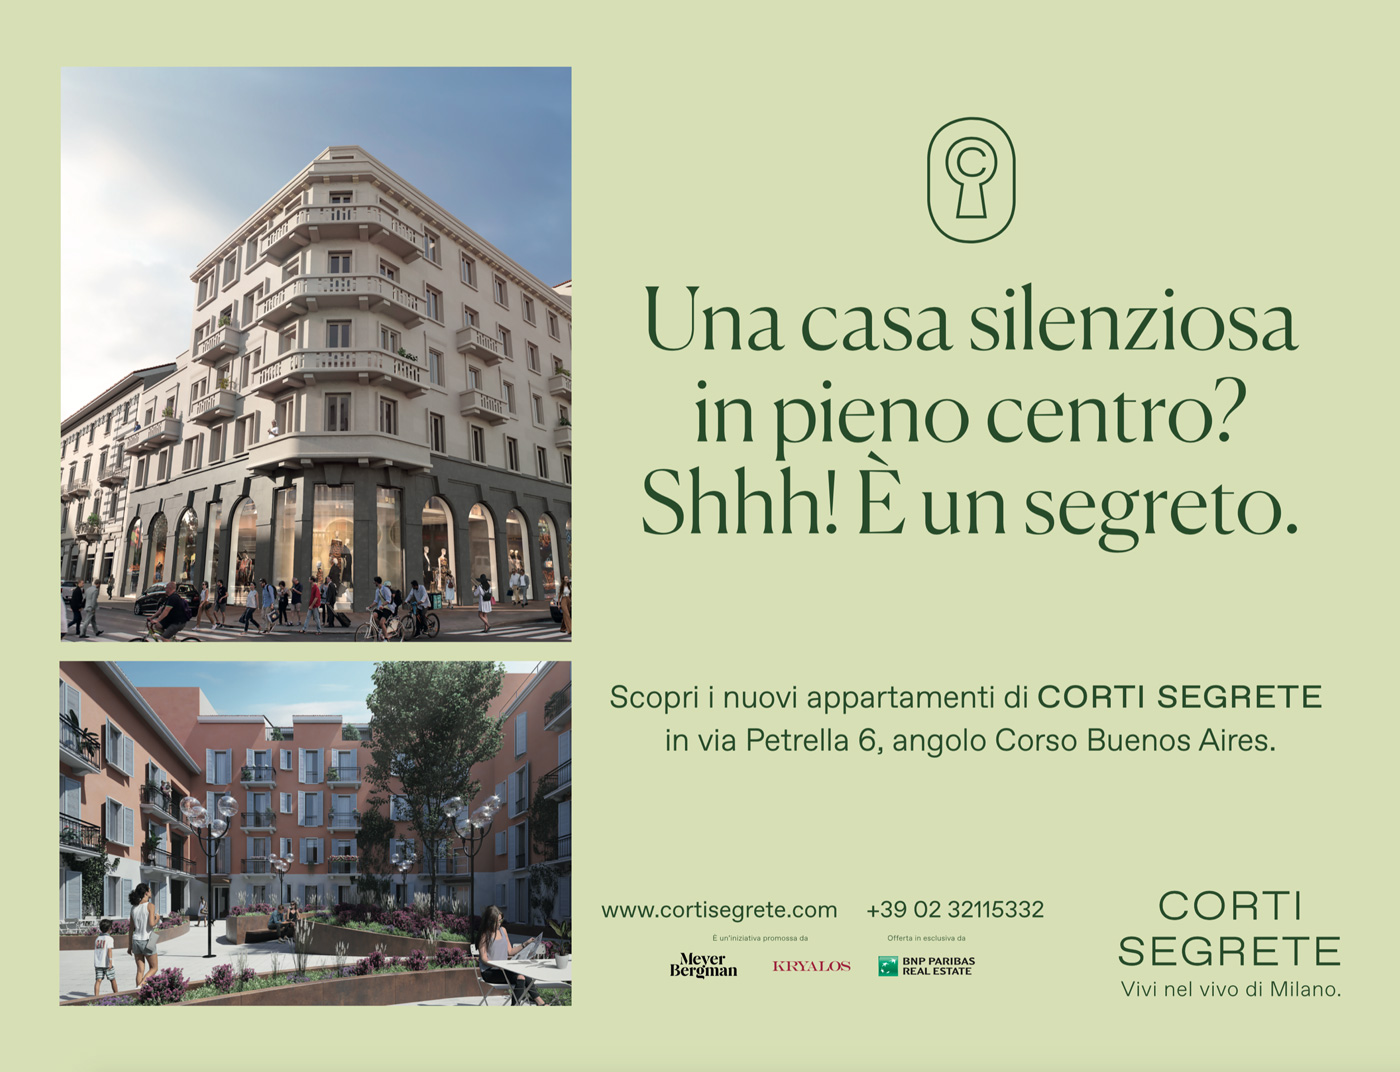 Campagna Affissione 4x3 Corti Segrete Milano